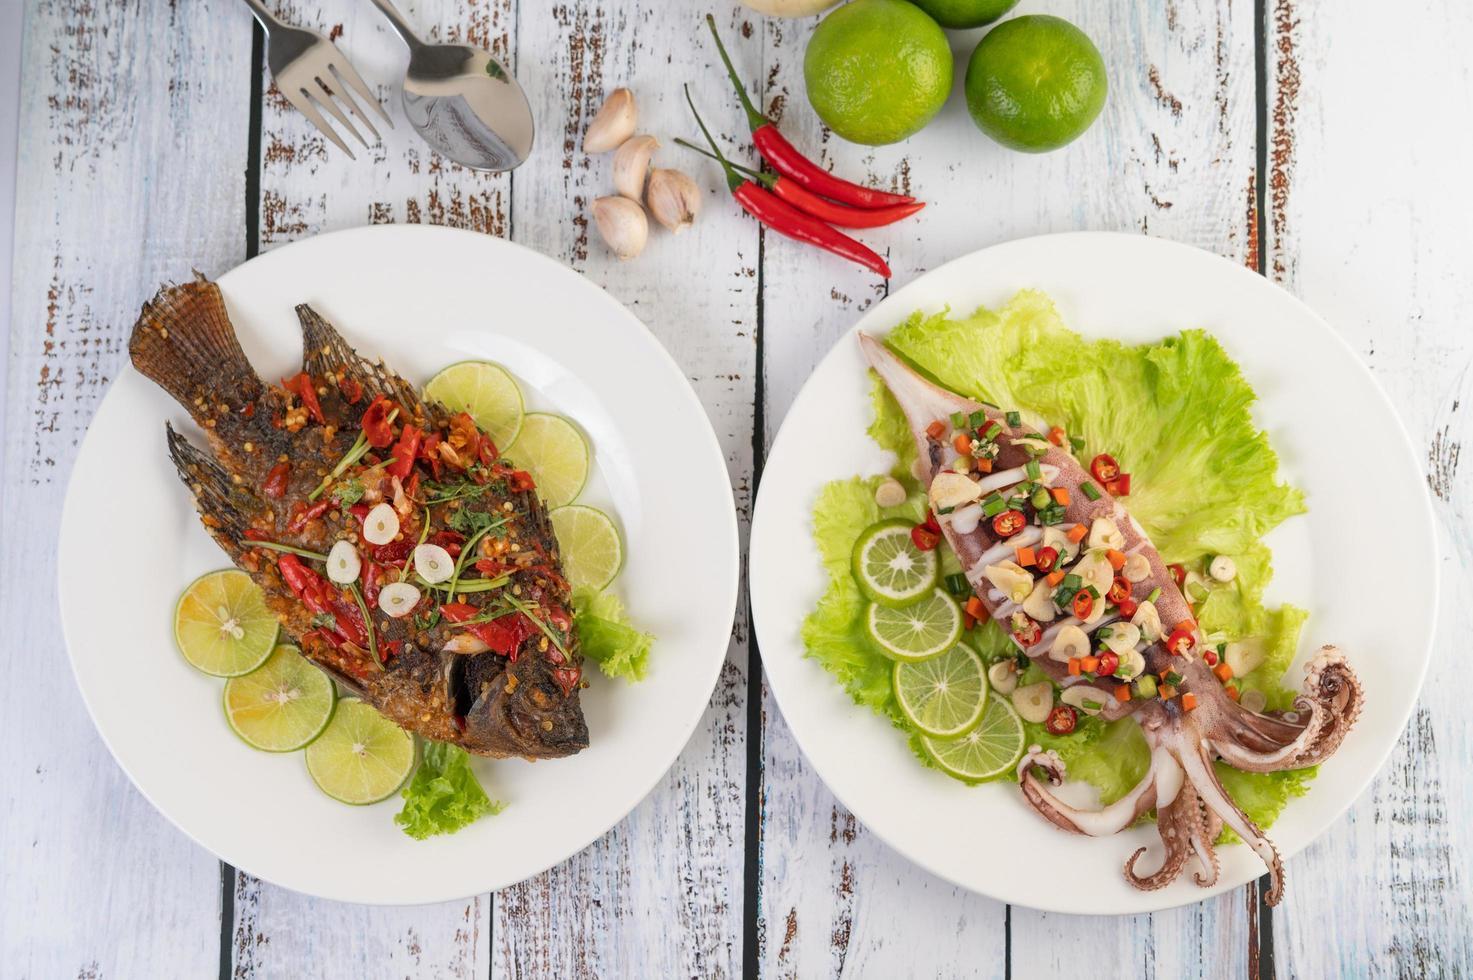 tilapia fritta con salsa chili e calamari foto